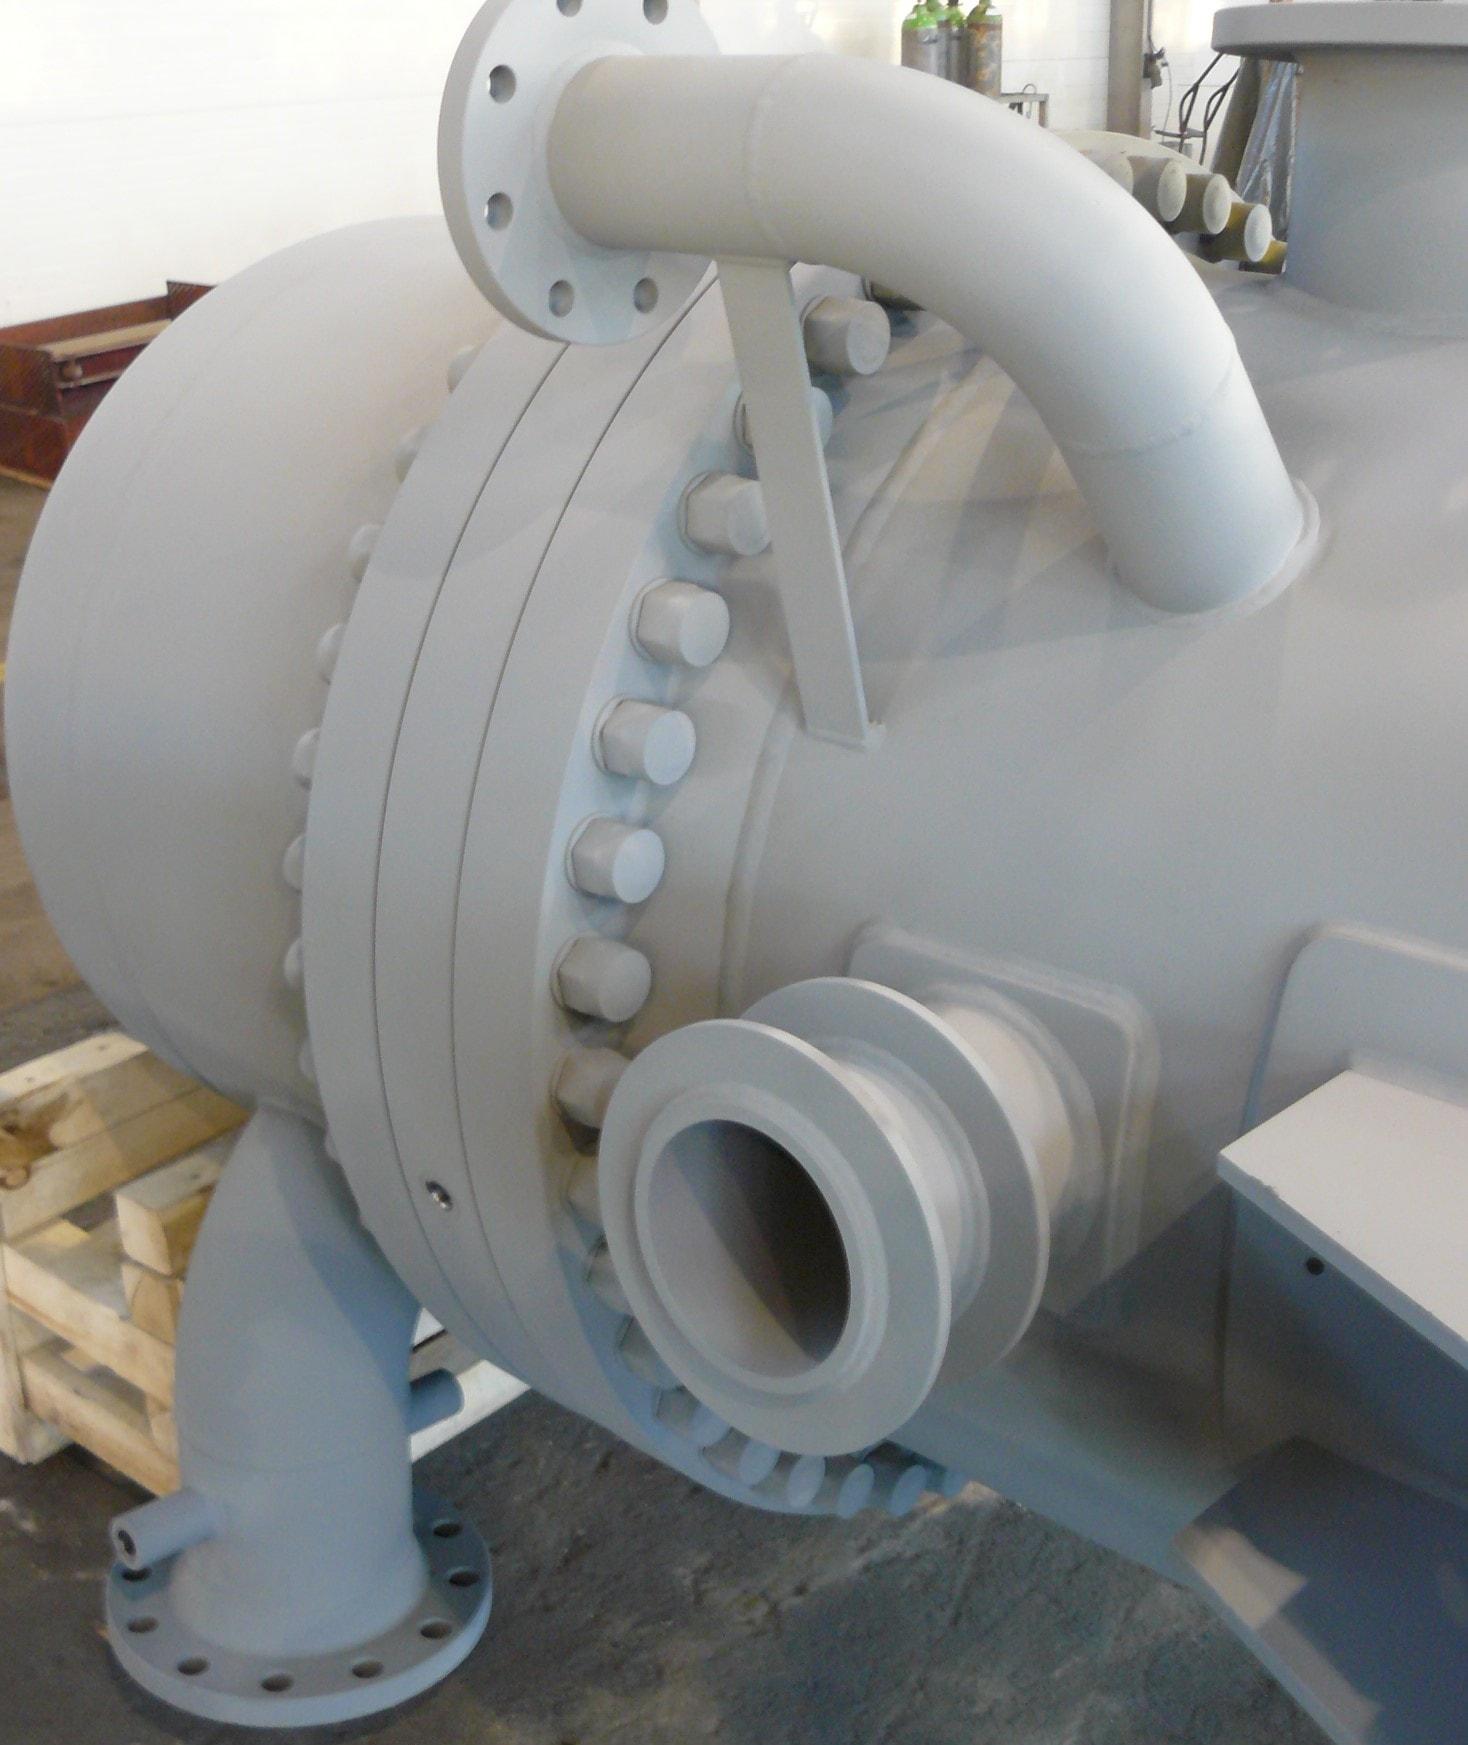 Projektowanie urządzeń ciśnieniowych AD 2000 merkblatt